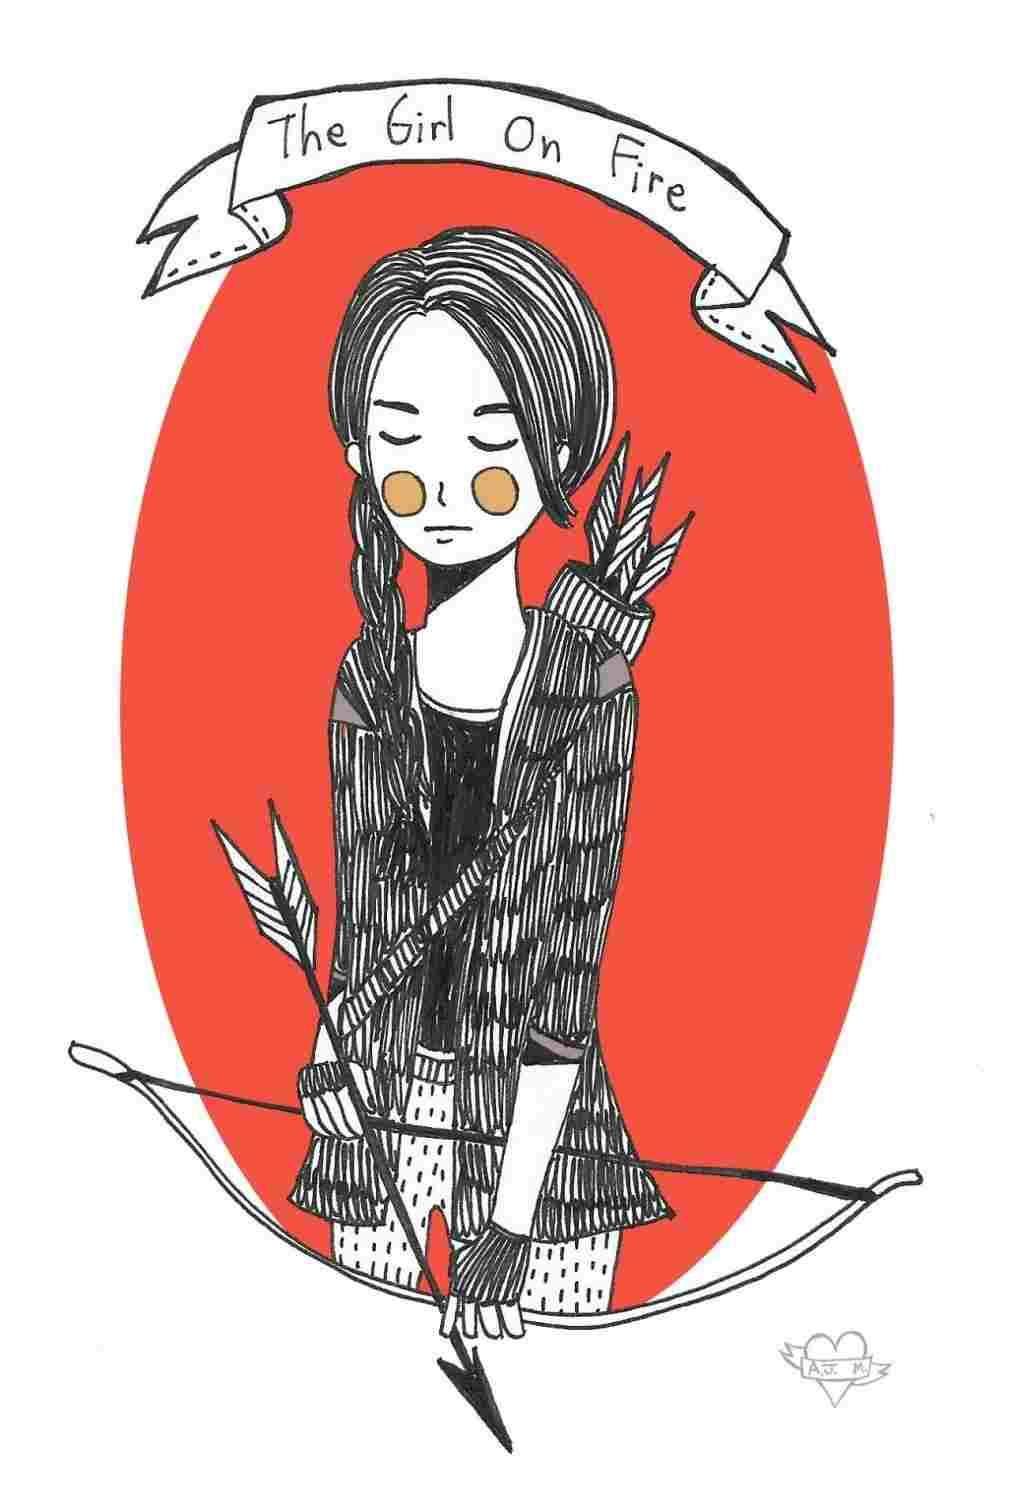 1011x1510 alicia keysu u rhredditcom heard girl on fire drawing alicia keysu